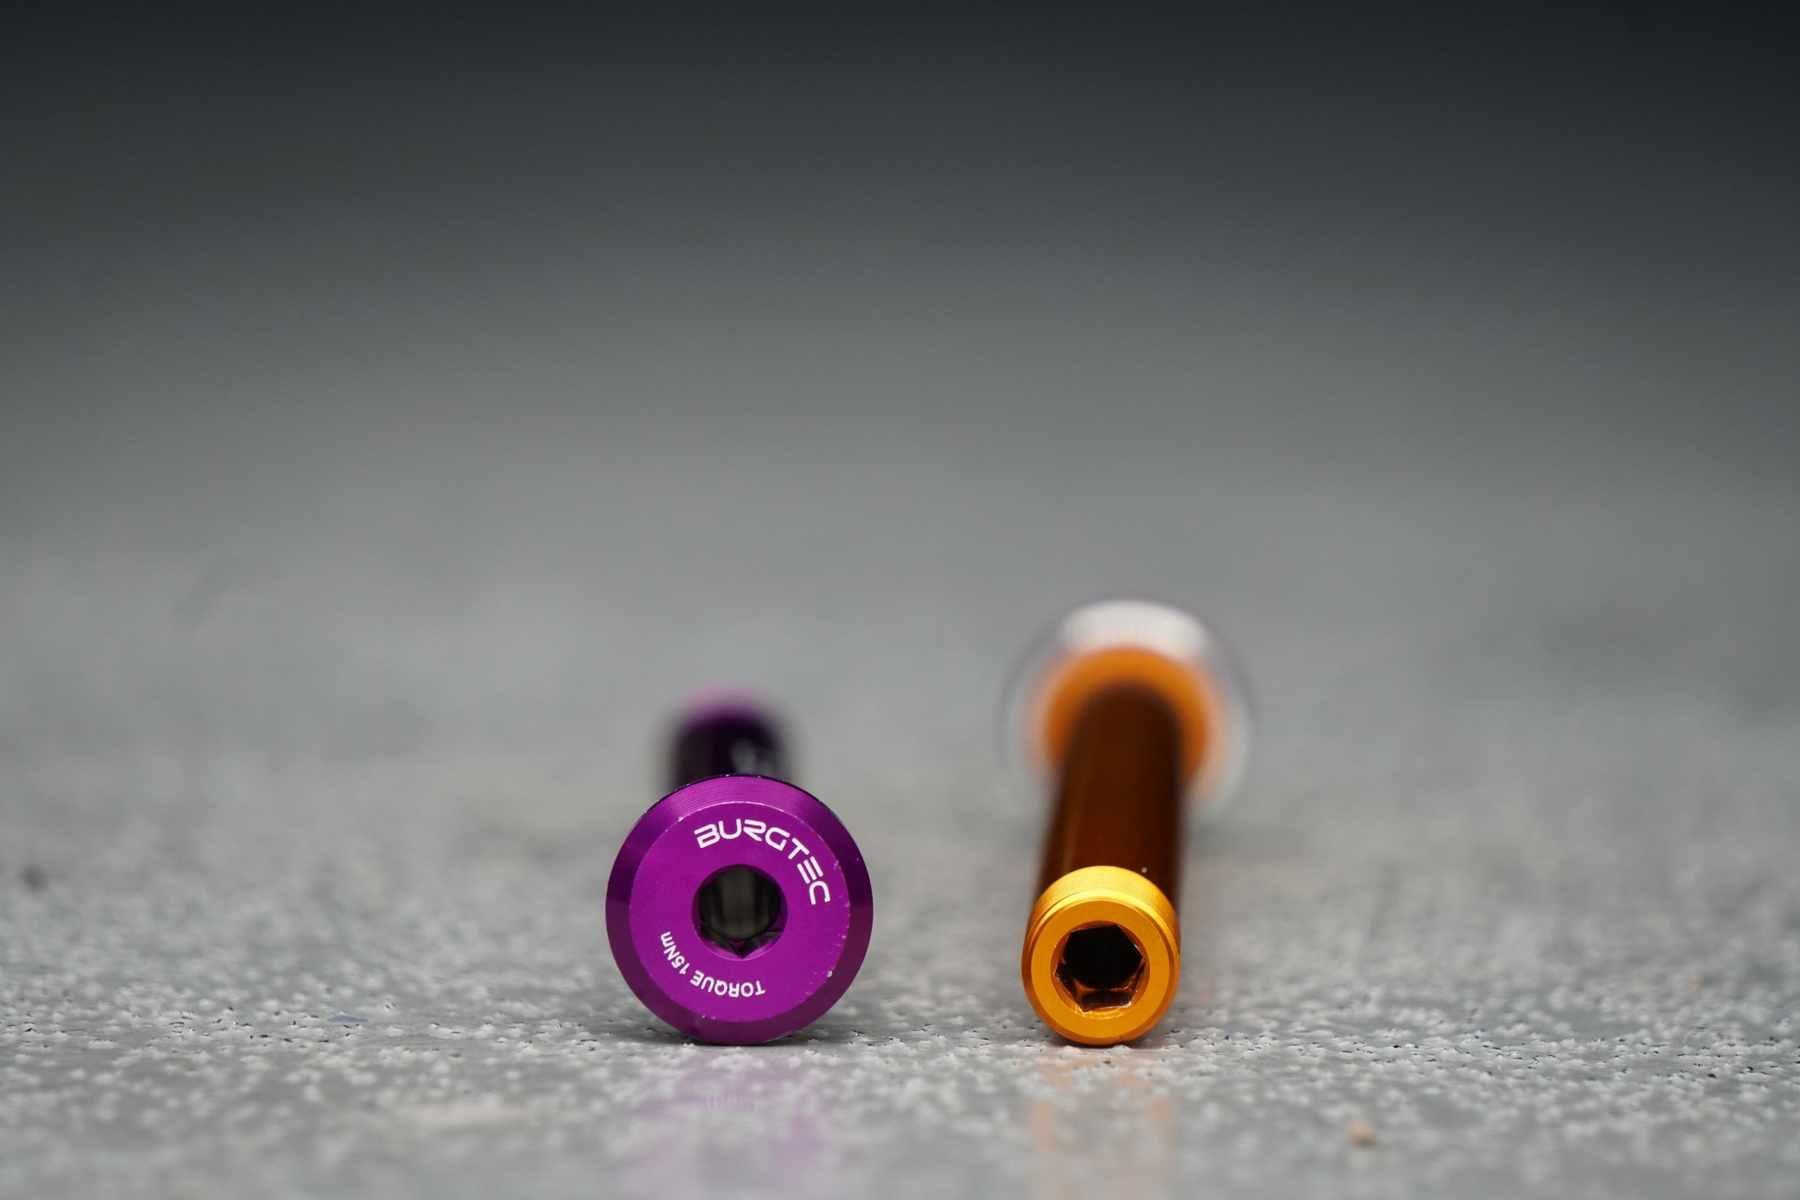 Burgtec components axles